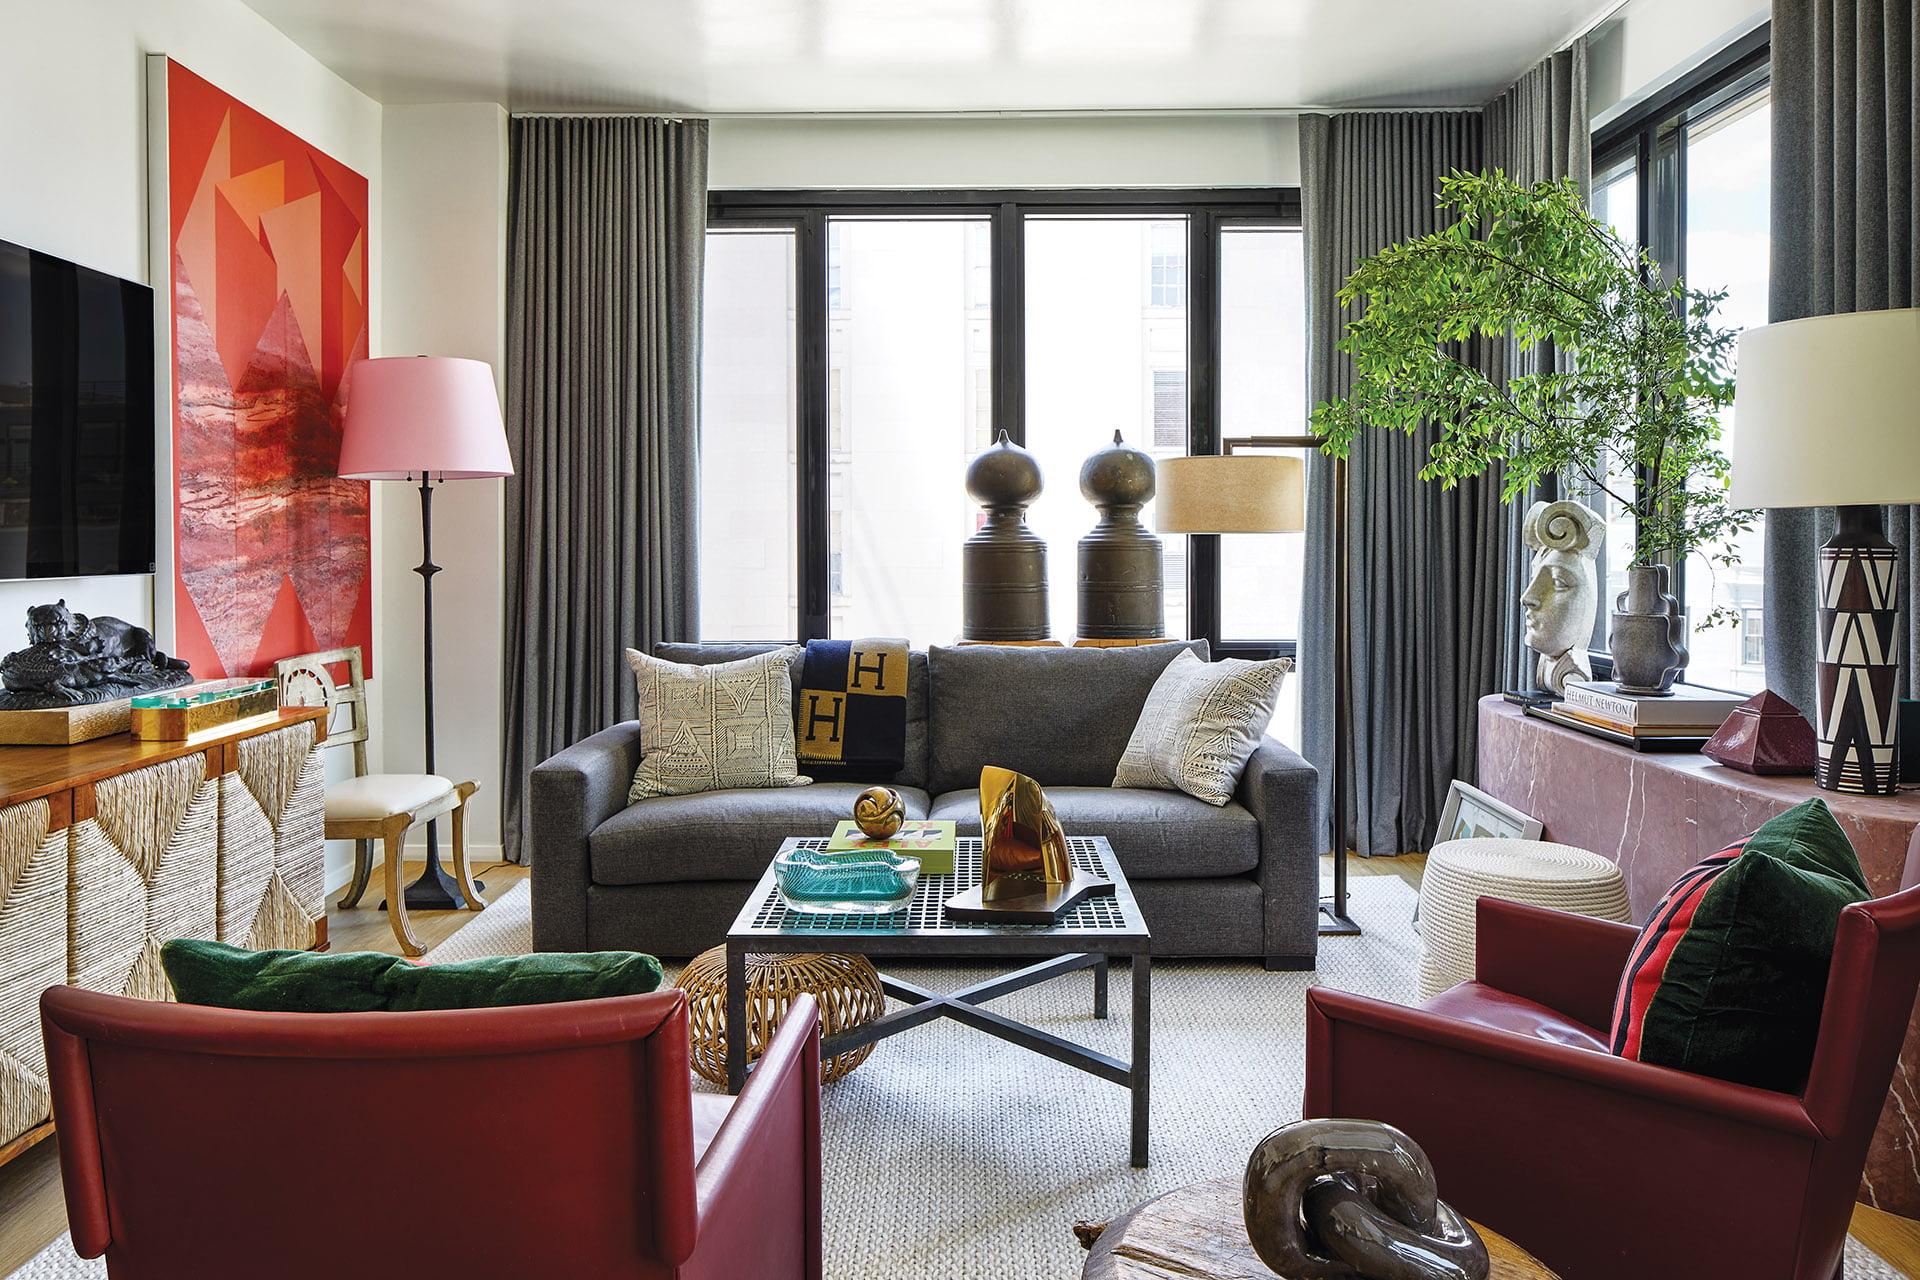 客厅里有古董和现代珍品。